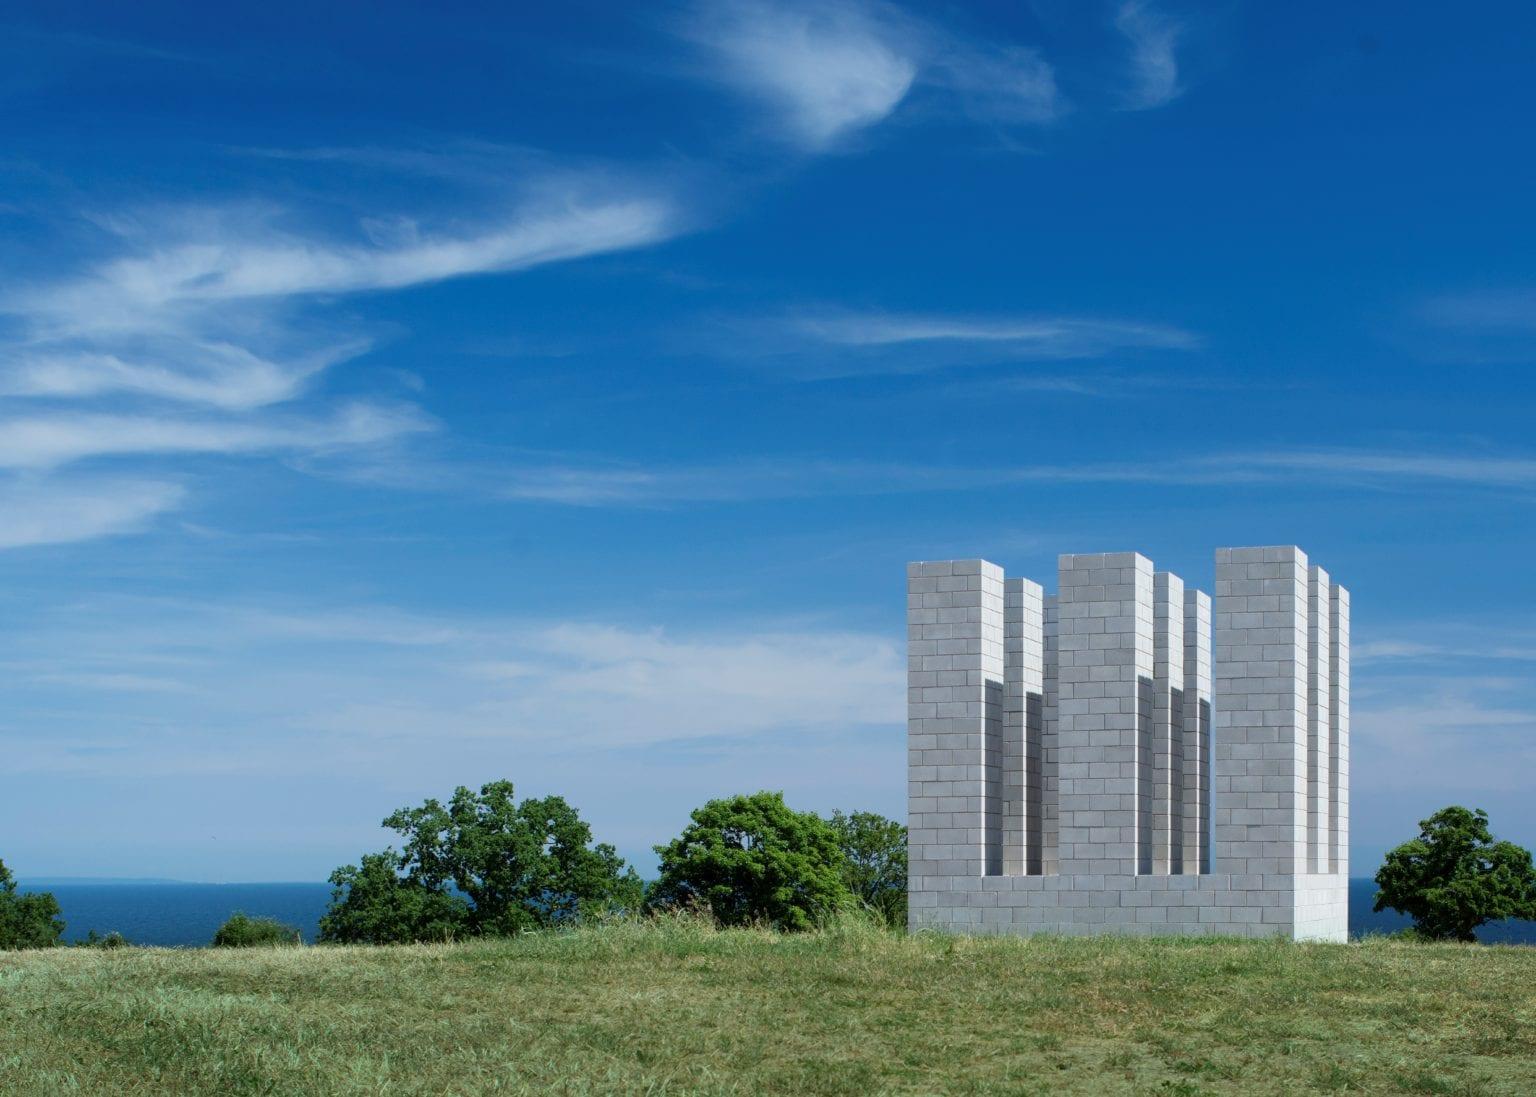 Kivik Art Centre verkar i gränssnittet mellan skulptur, arkitektur och natur, här upplever du de färdiga verken, tankar och idéer kring de övergripande frågorna